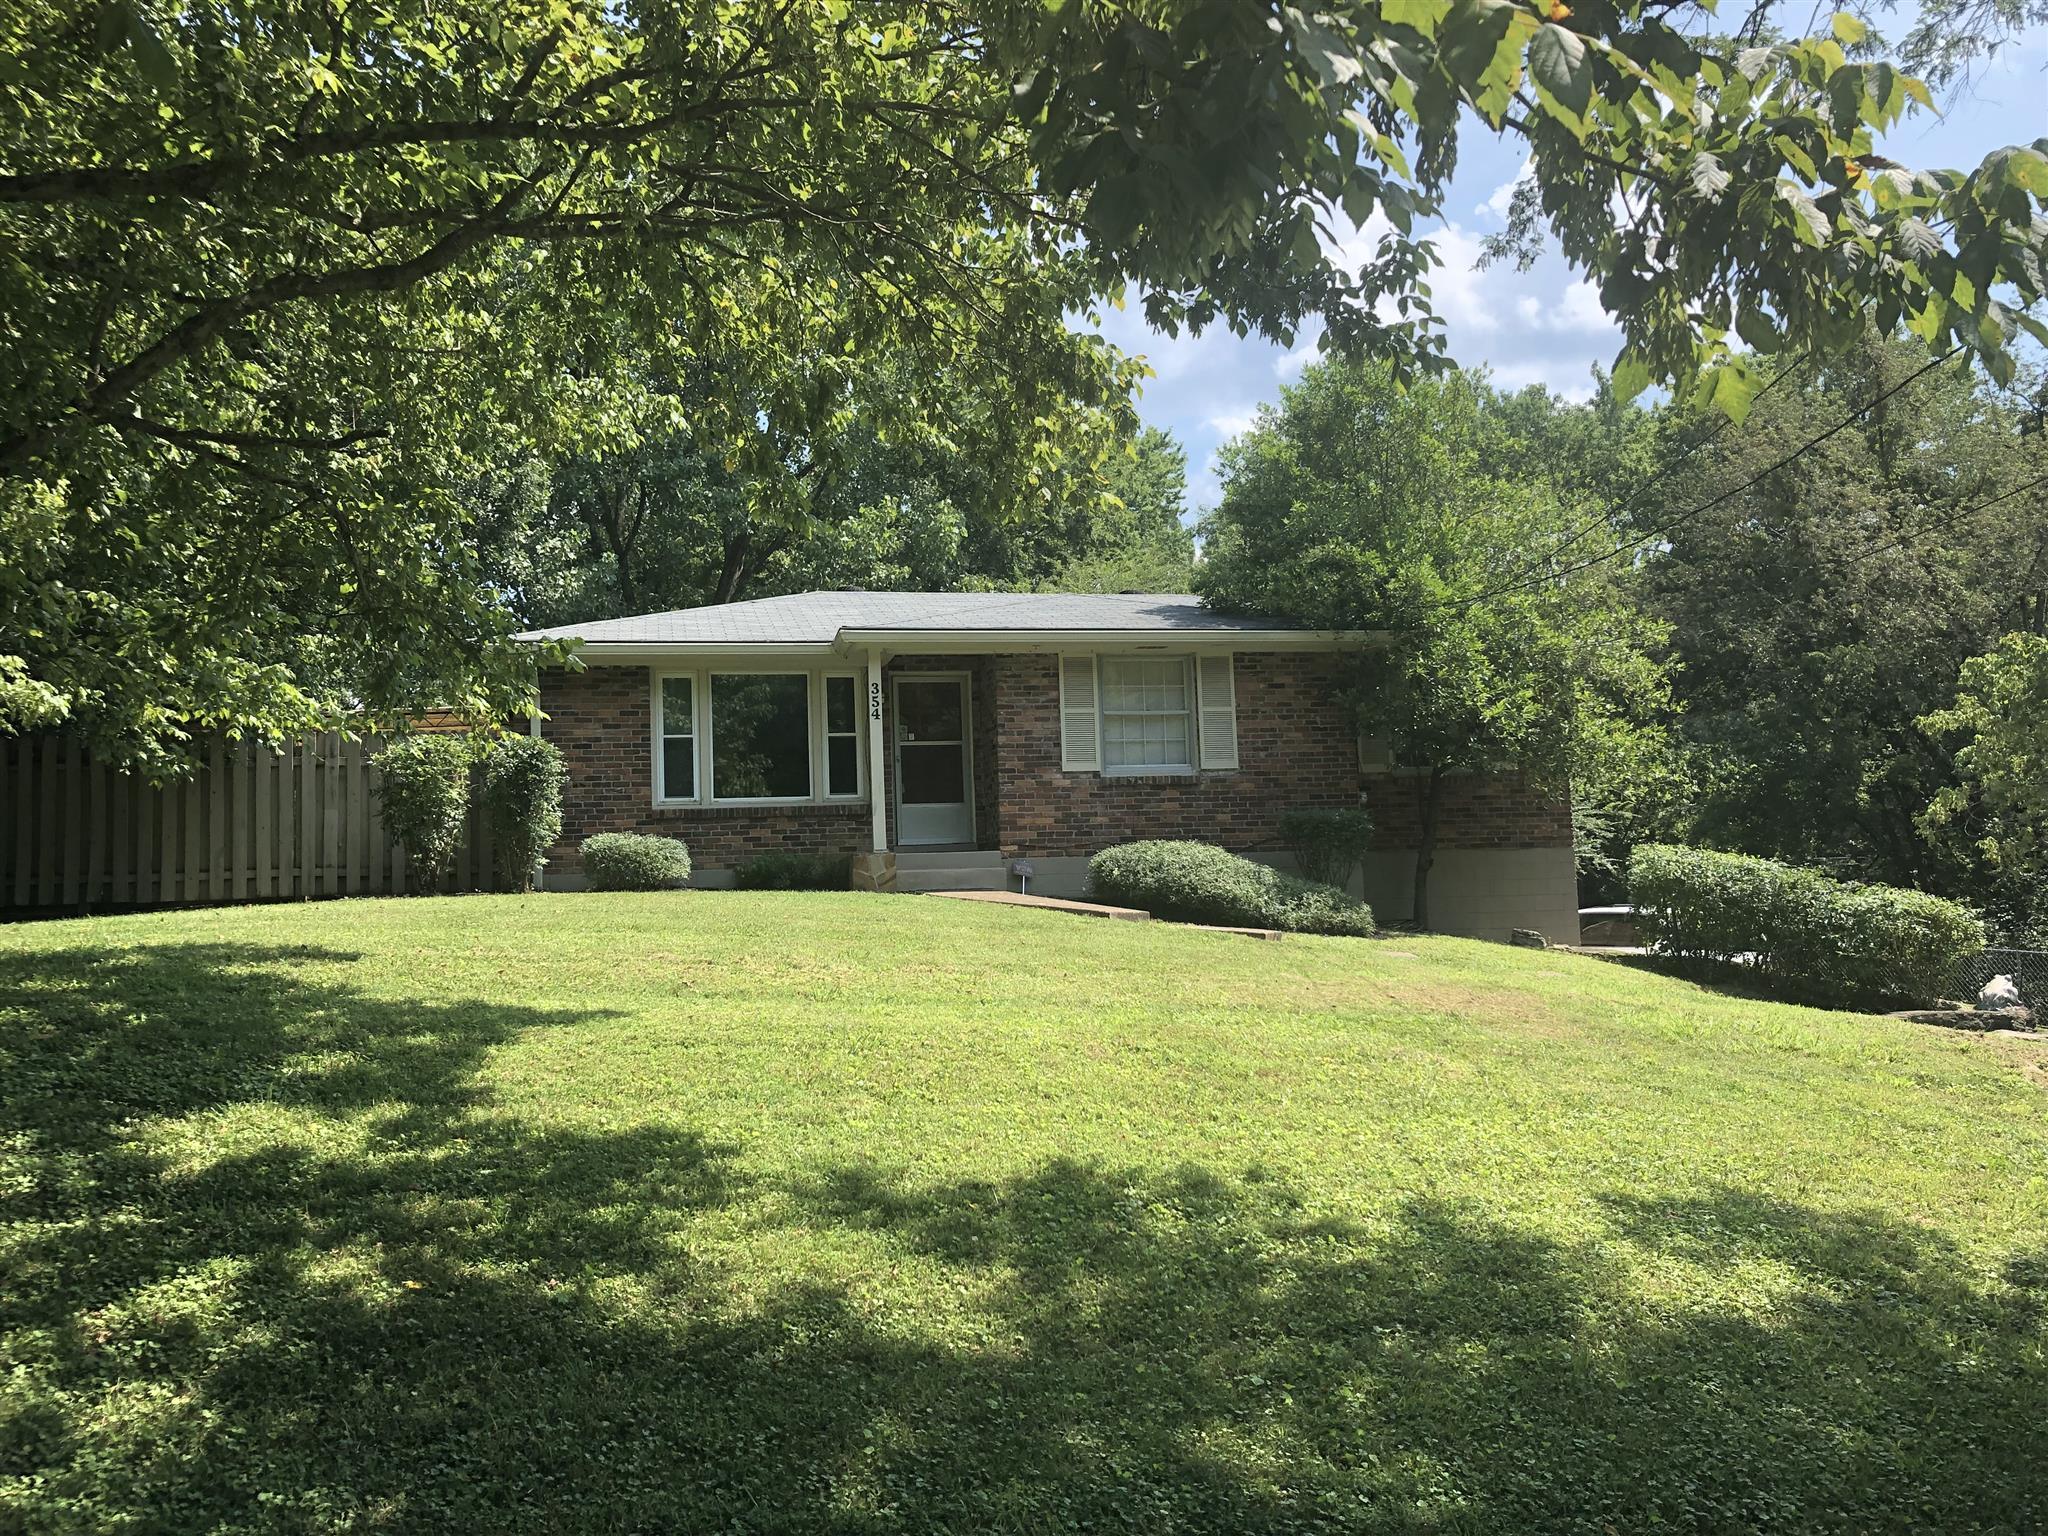 354 Wales Dr, Nashville, TN 37211 - Nashville, TN real estate listing